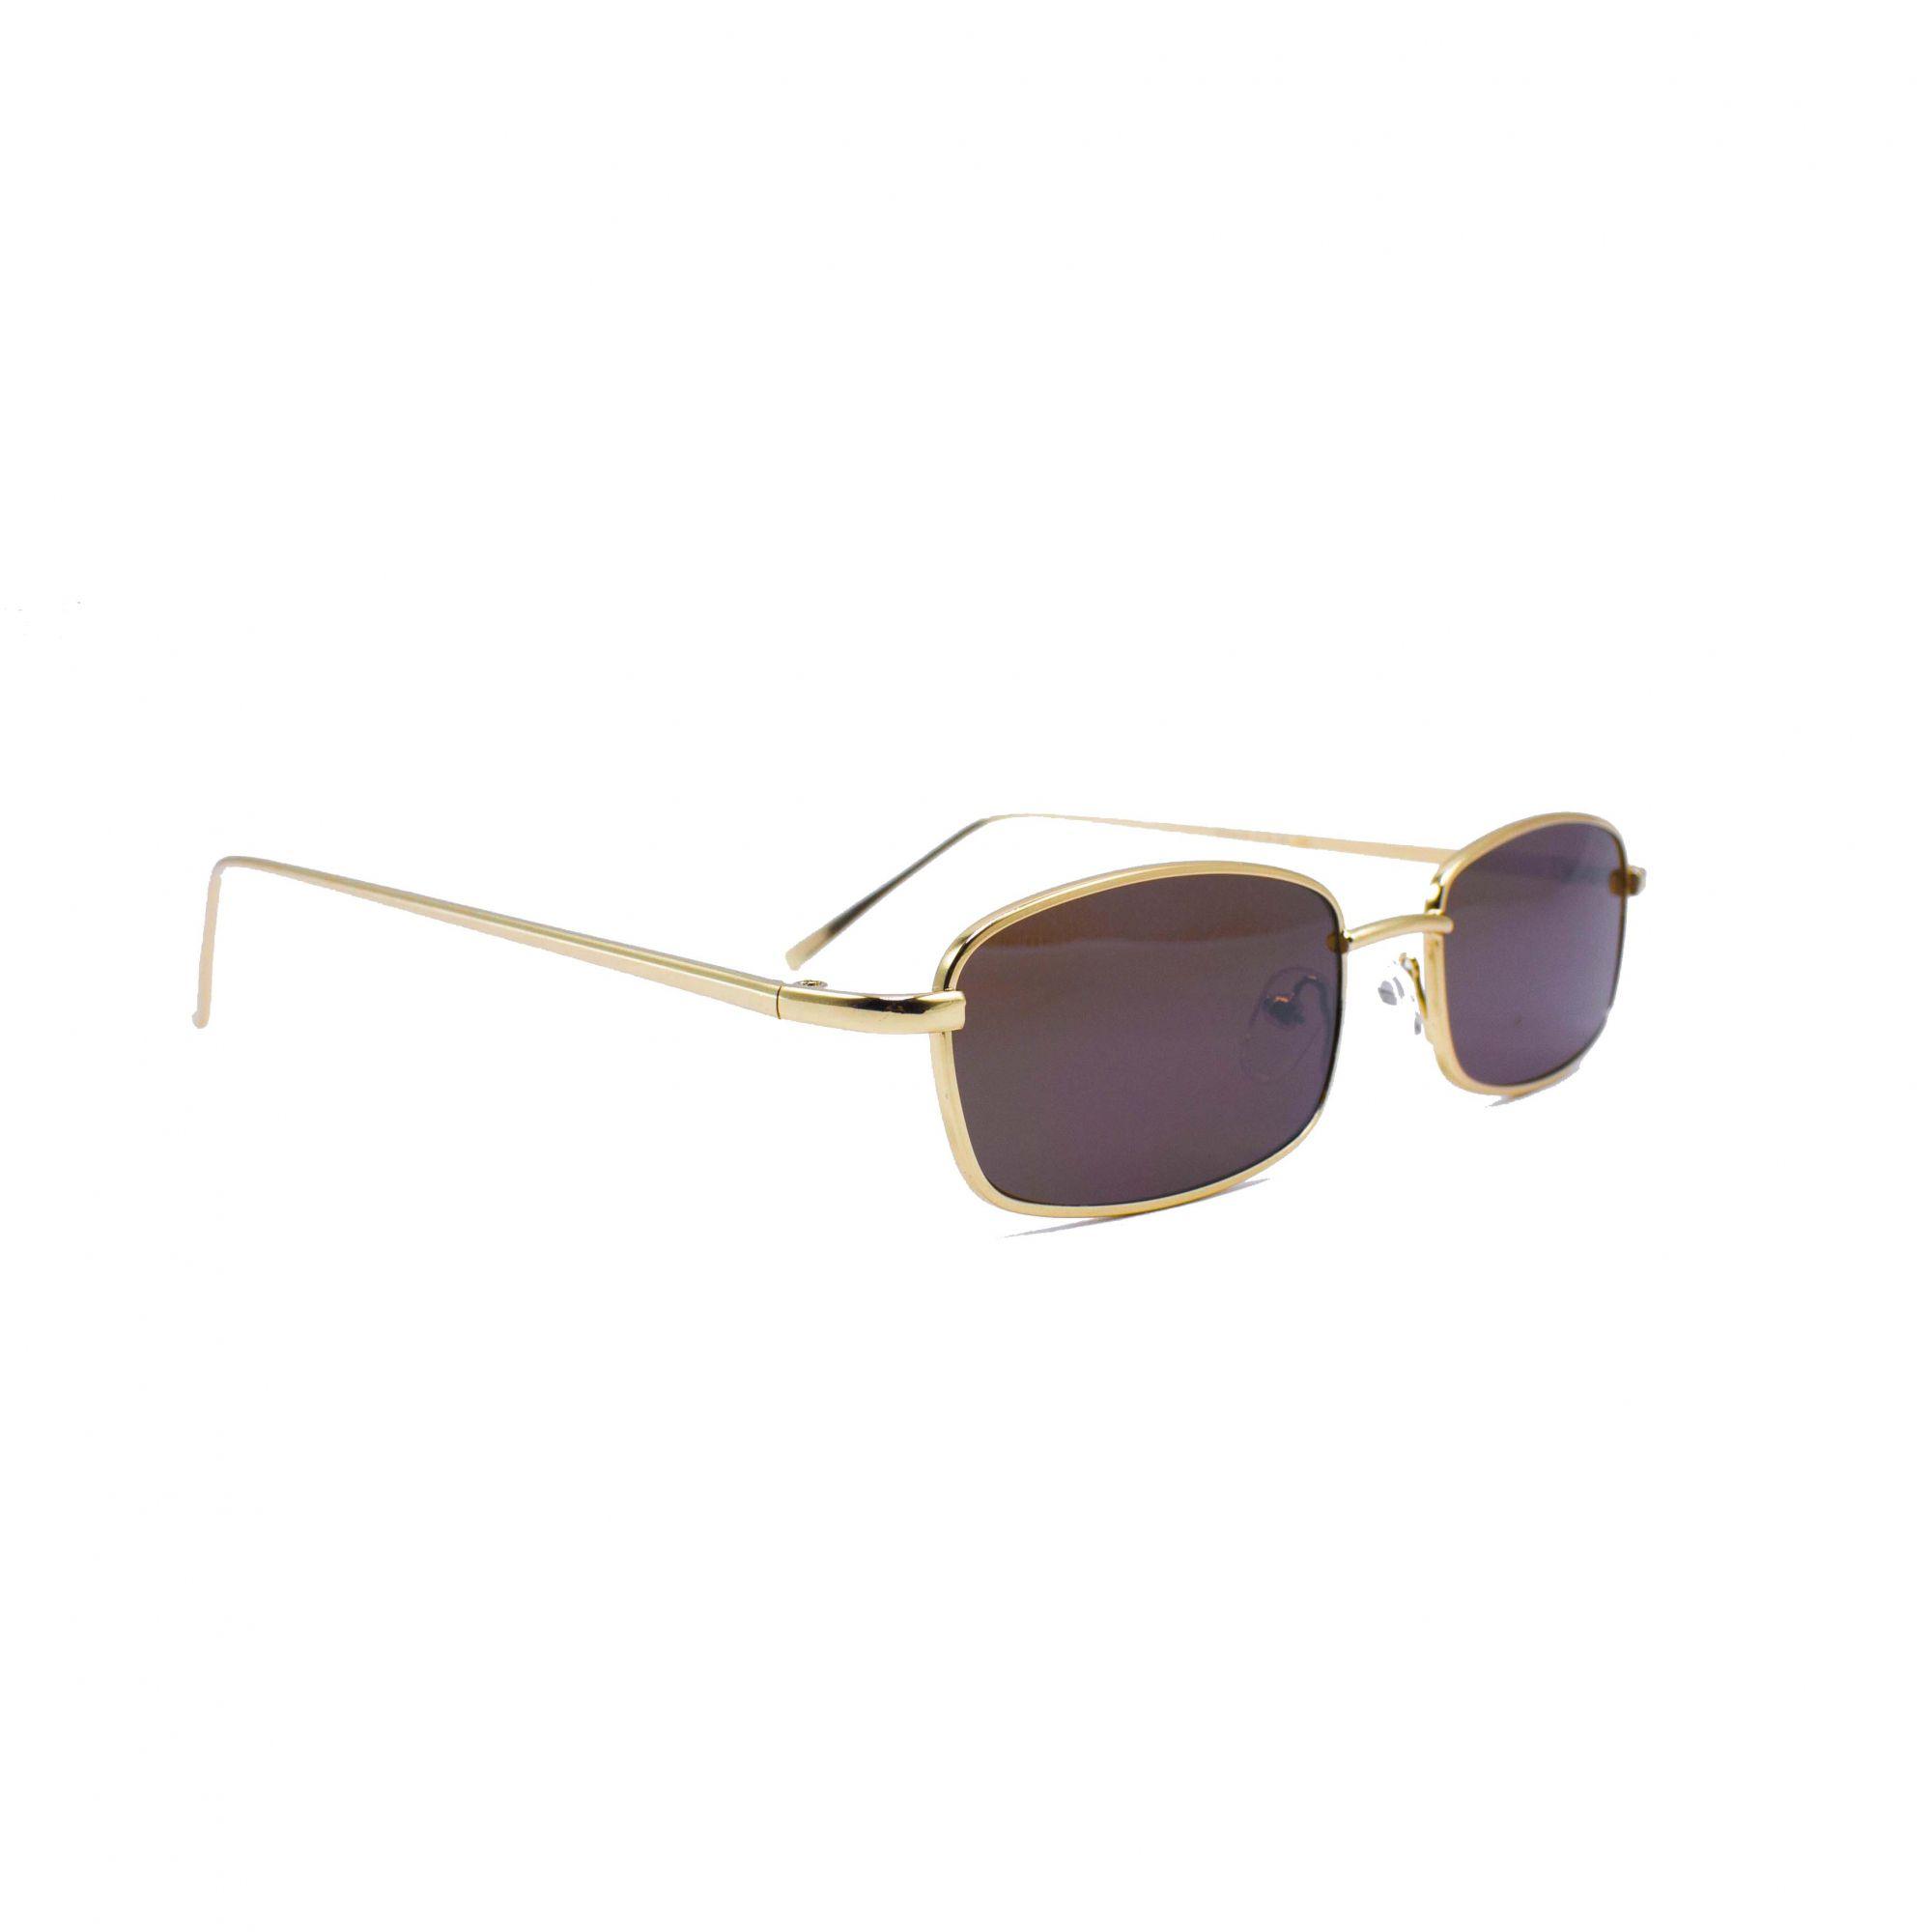 32ec938387bc1 Óculos Vintage